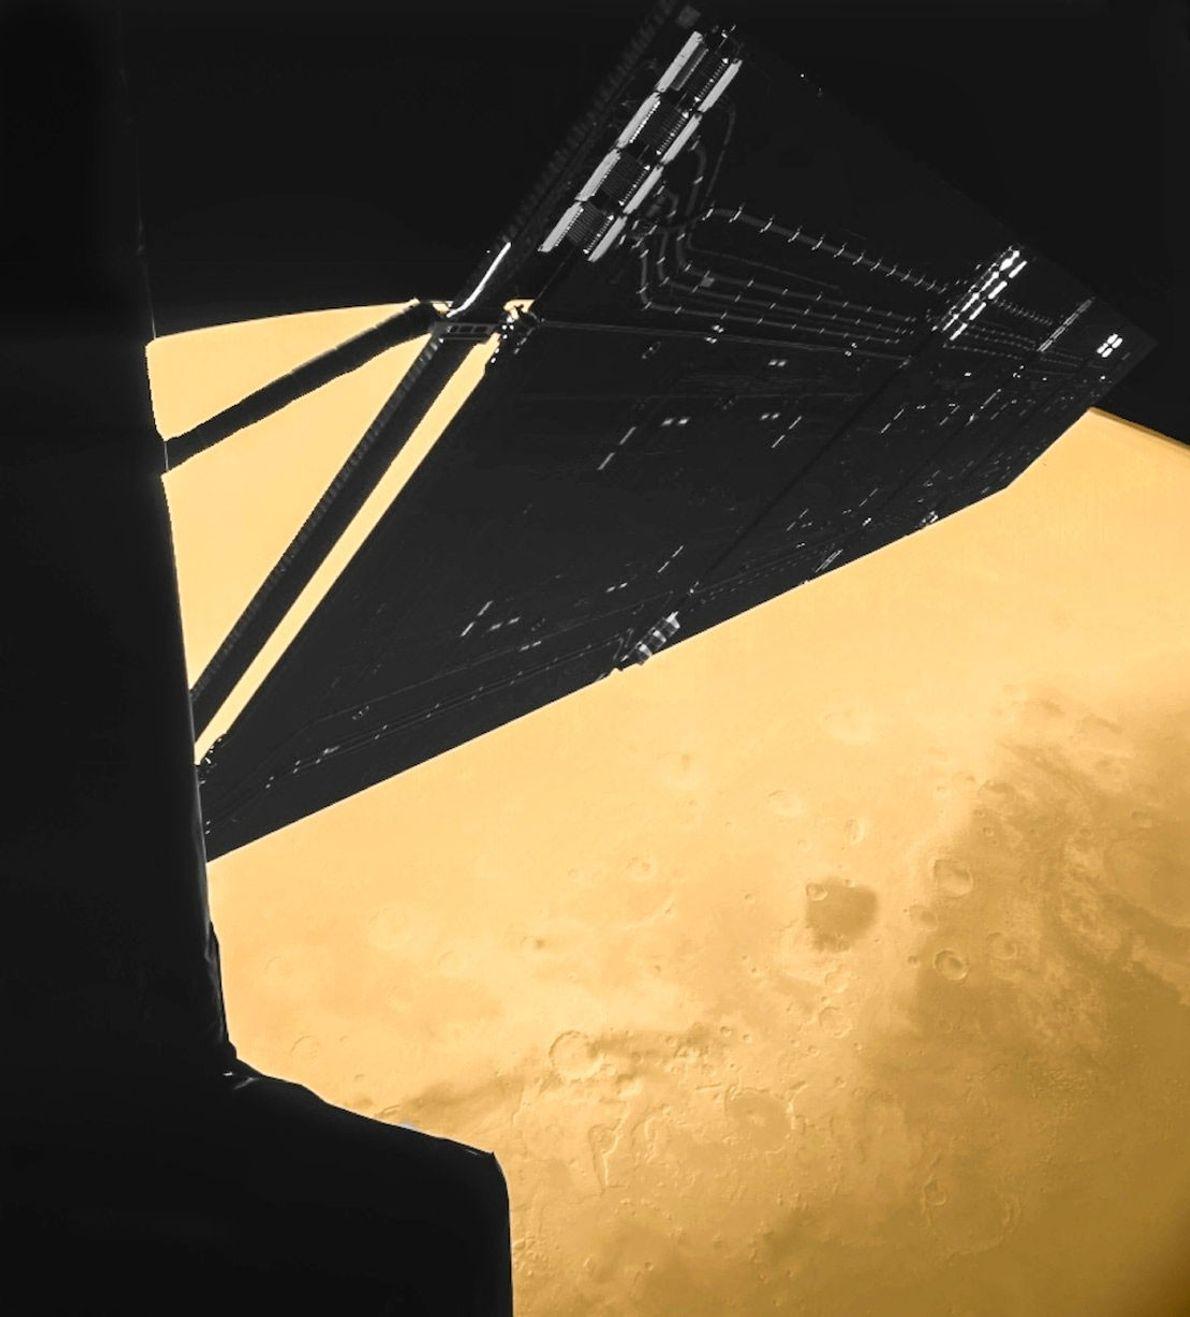 En el 2007, la sonda Rosetta estuvo a apenas 250 kilómetros de distancia de la superficie ...